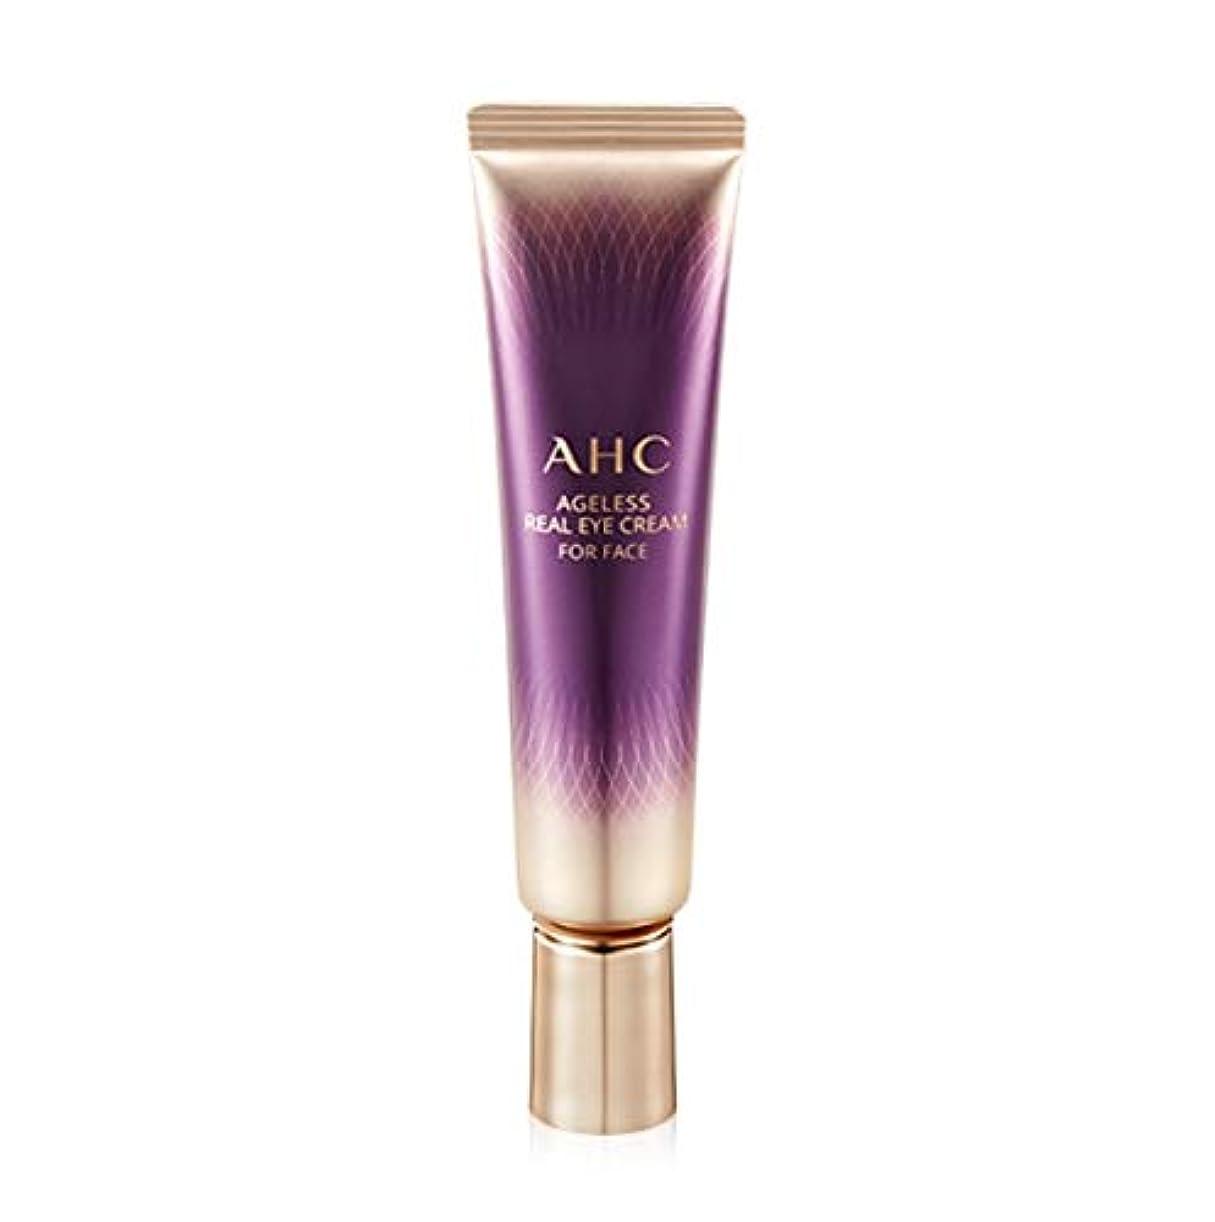 沈黙幻想子犬[New] AHC Ageless Real Eye Cream For Face Season 7 30ml / AHC エイジレス リアル アイクリーム フォーフェイス 30ml [並行輸入品]